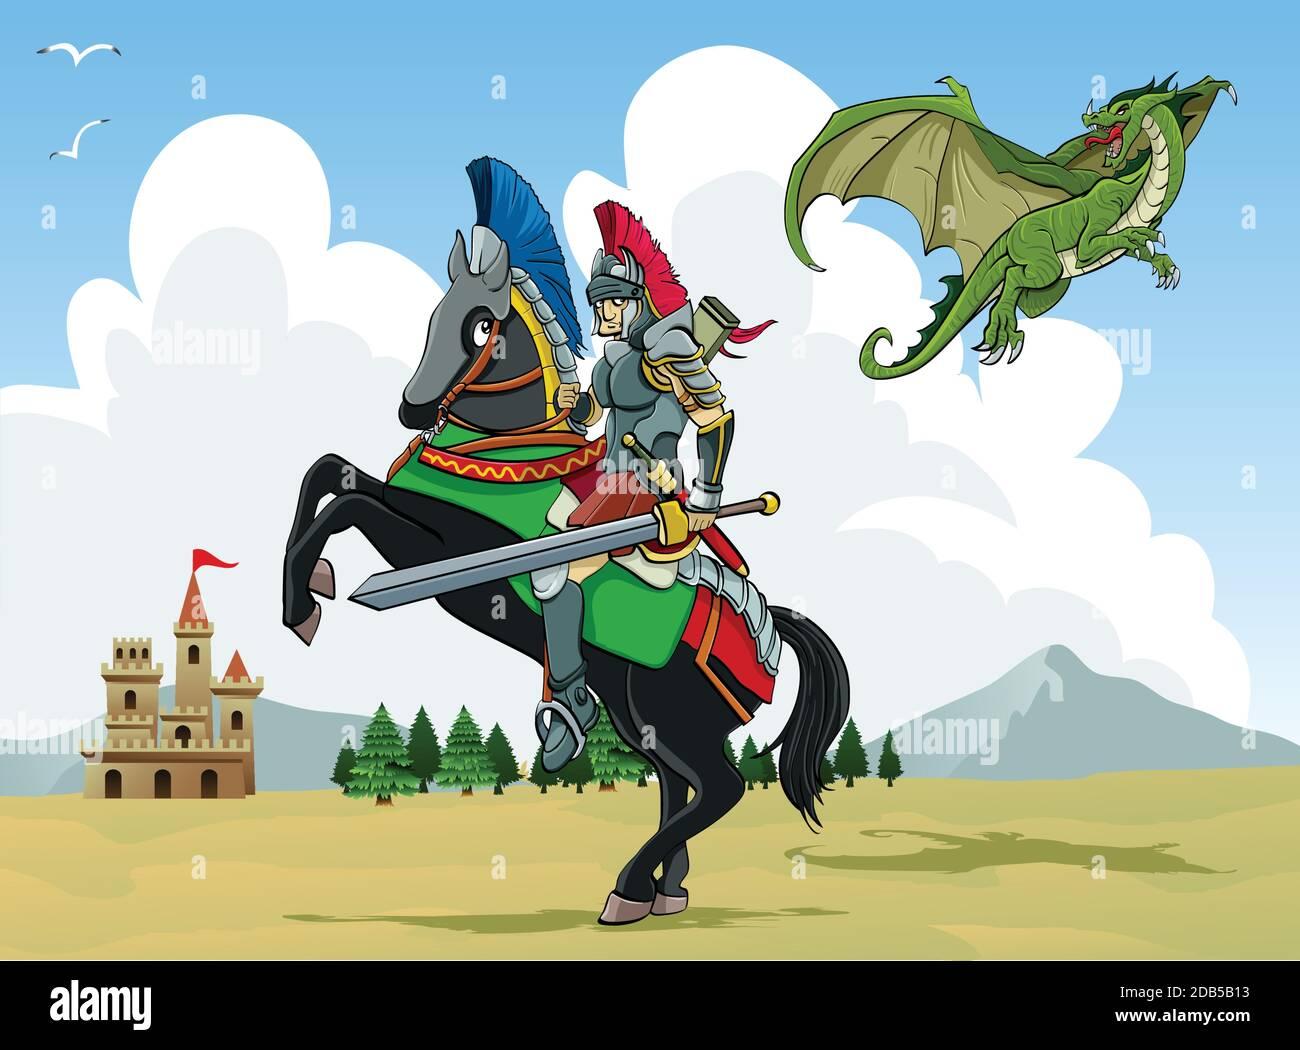 Ilustración de dibujos animados: Un dragón volador amenaza a un caballero con espada. Los árboles y el antiguo castillo en el fondo Ilustración del Vector